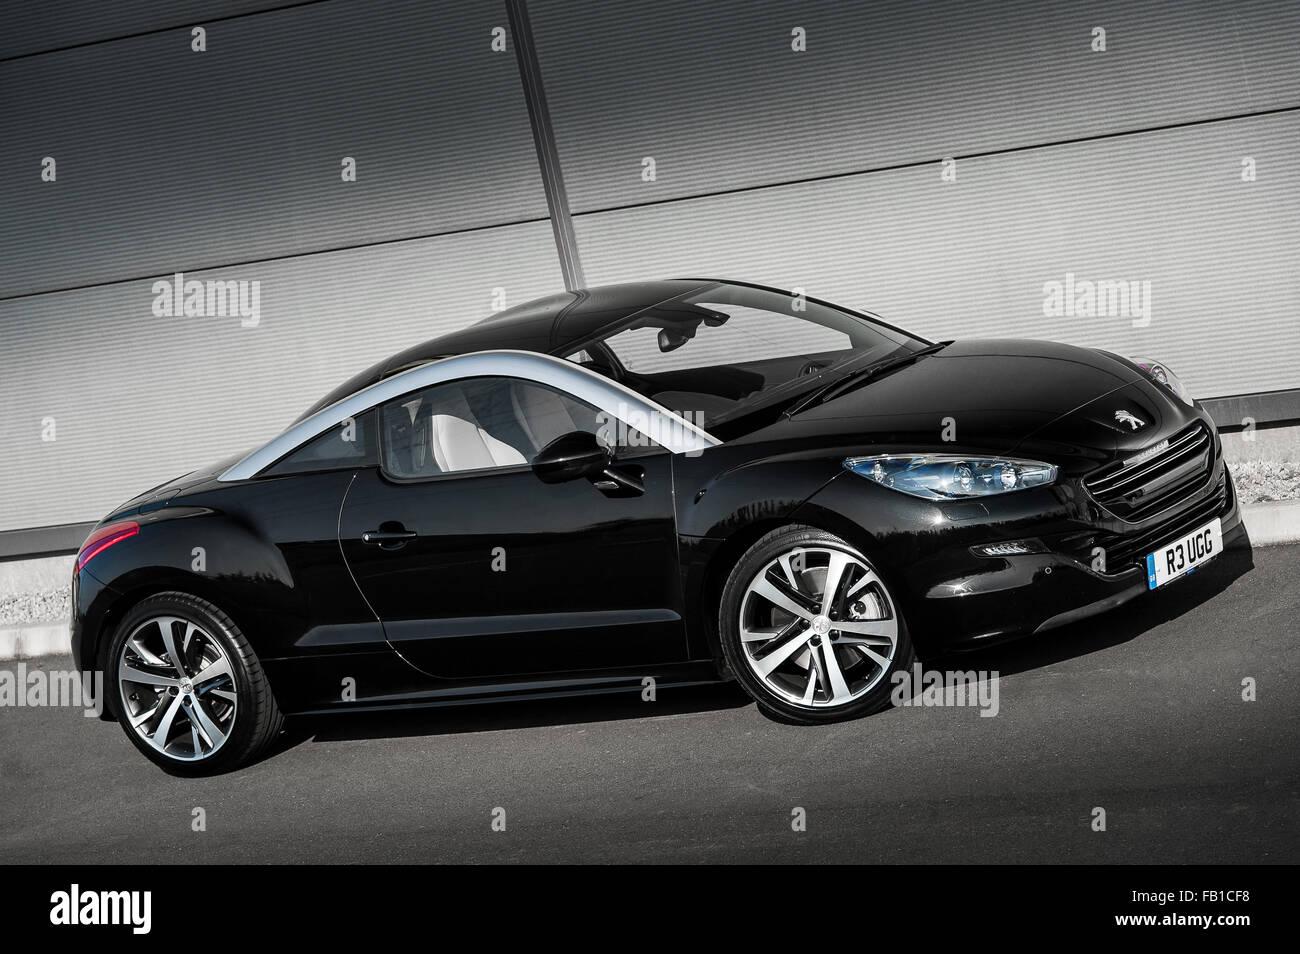 Black Peugeot RCZ Coupe sports car. - Stock Image